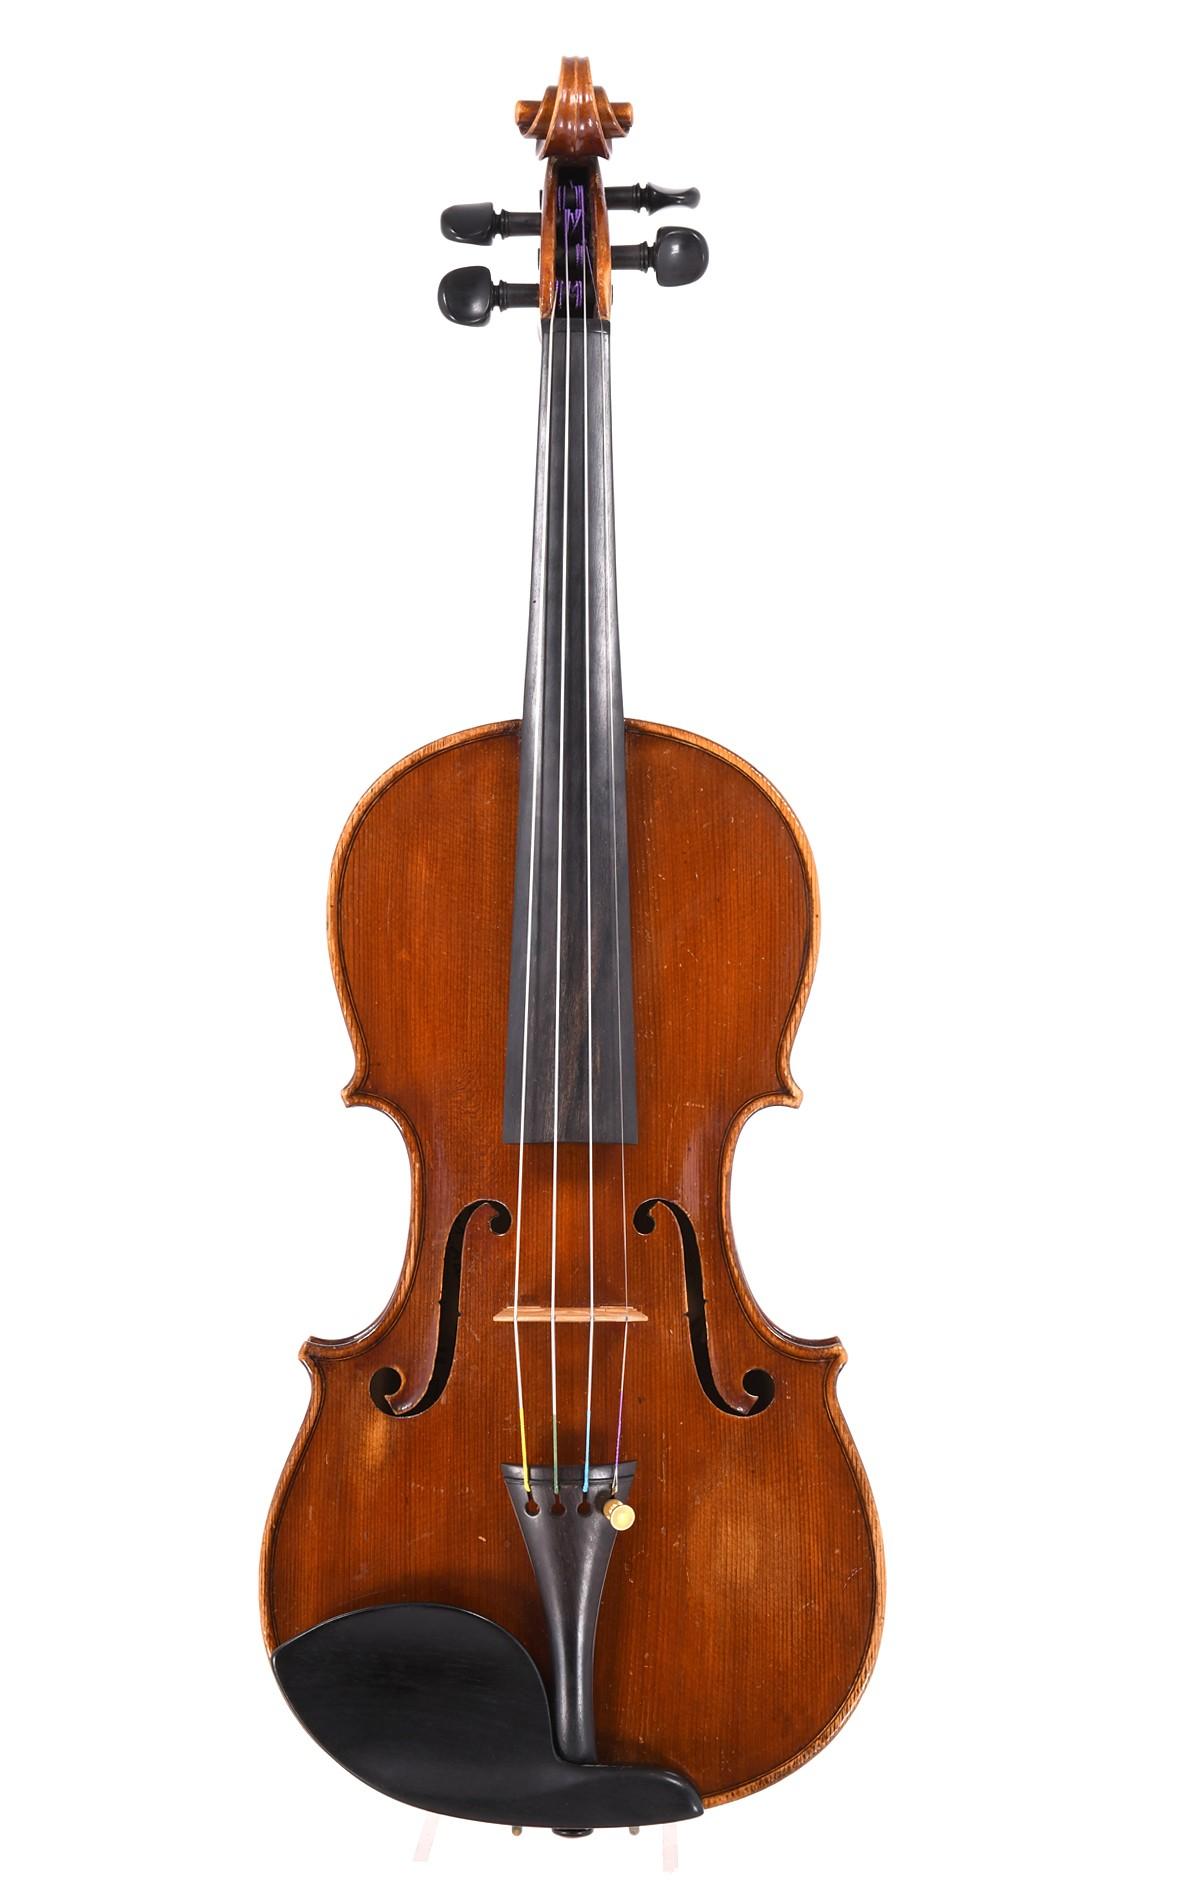 Modern Italian violin by Loris Lanini